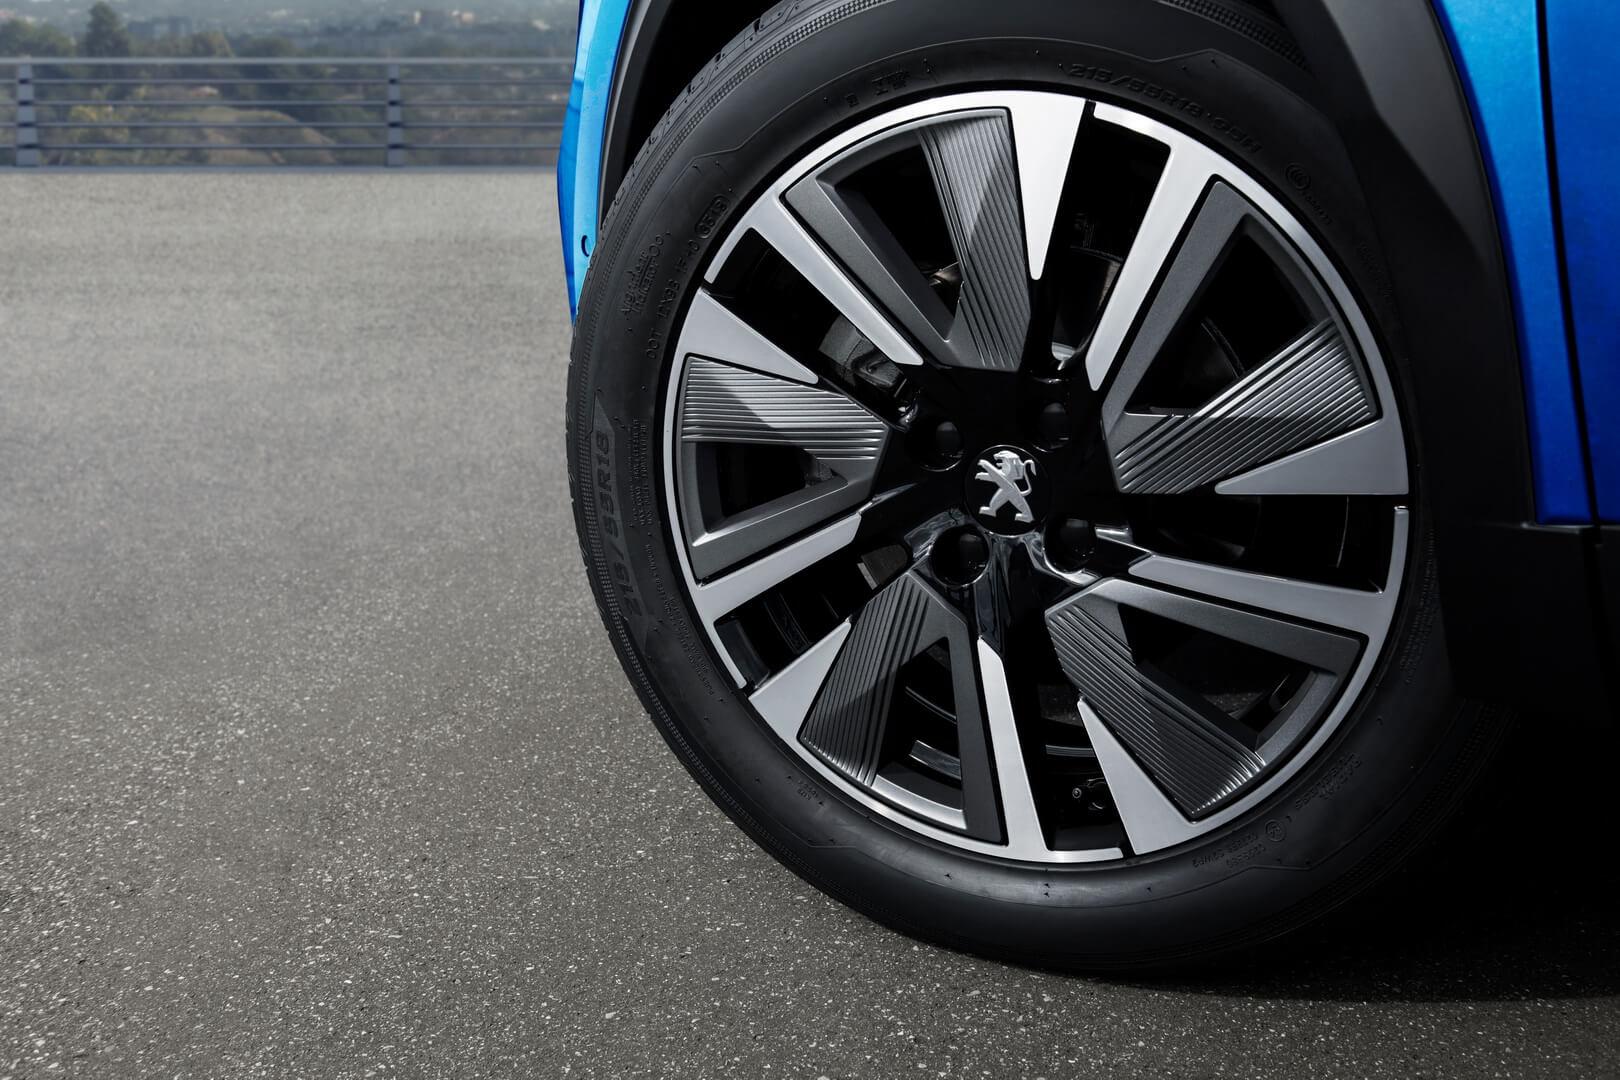 Колесные диски электрического кроссовера Peugeot e-2008